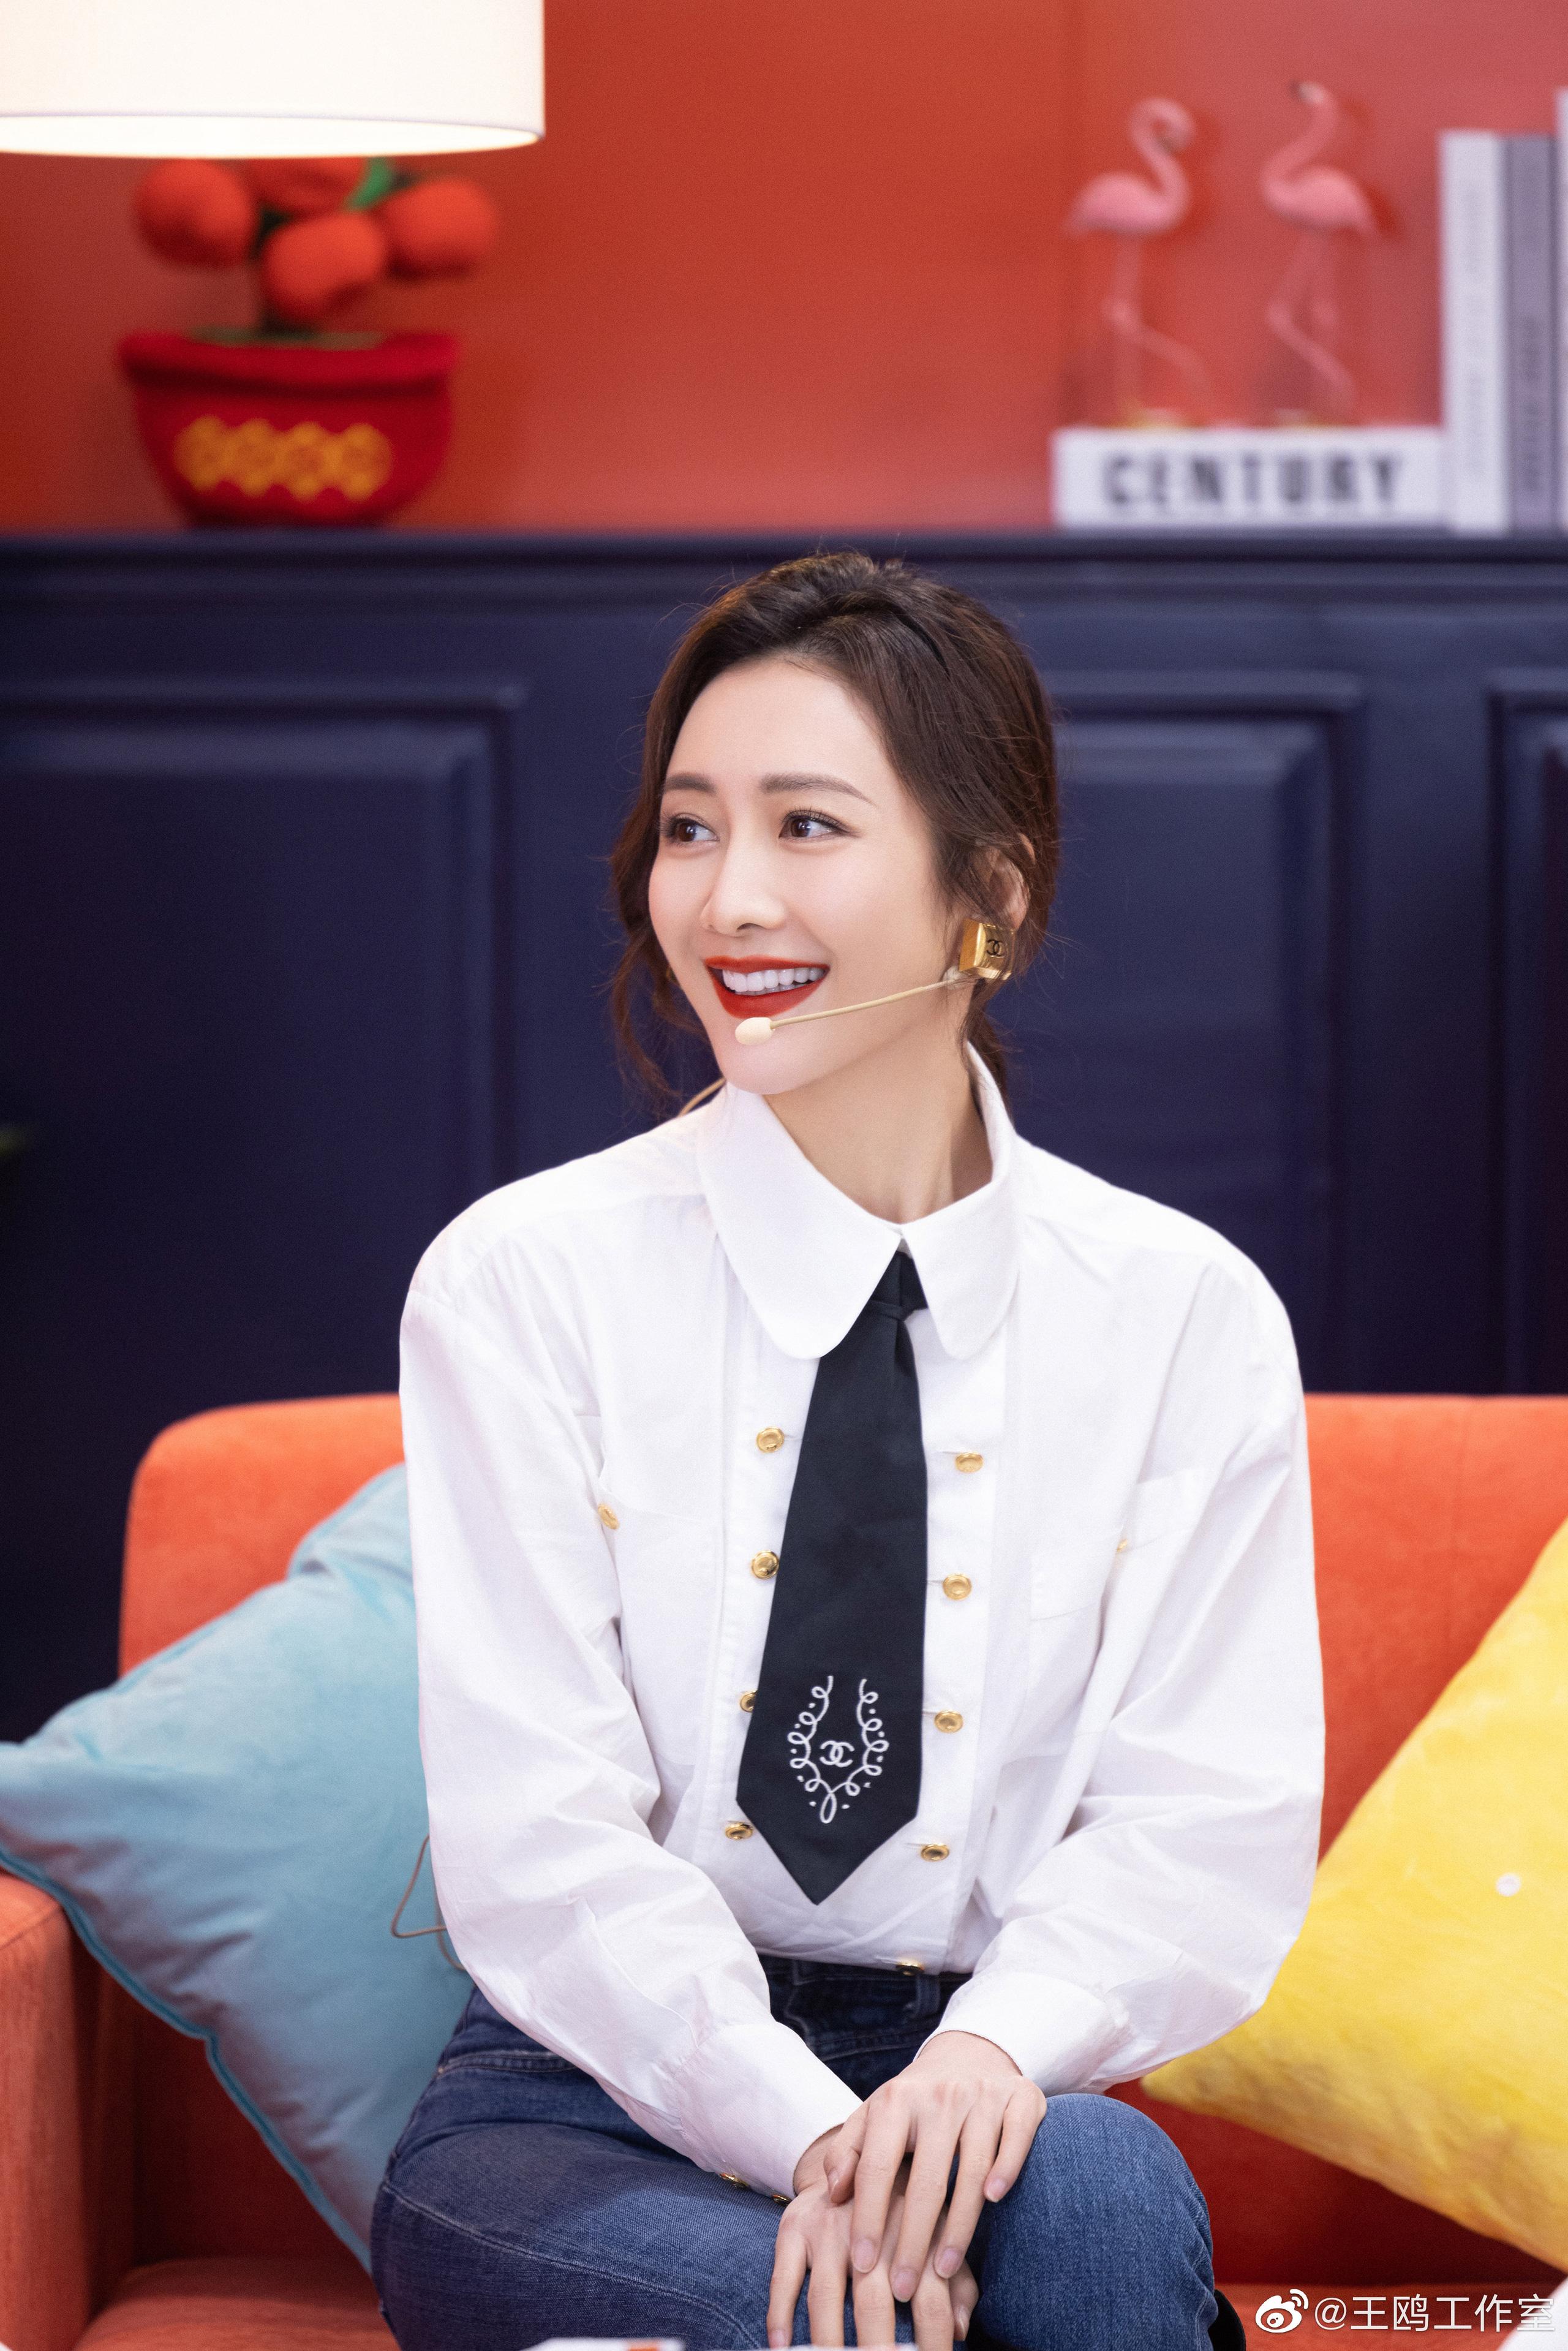 """""""Tình địch của Dương Mịch"""" đã U40 vẫn trẻ trung như gái 20, nhờ món thời trang này mà vừa trẻ lại vừa sang - Ảnh 3."""